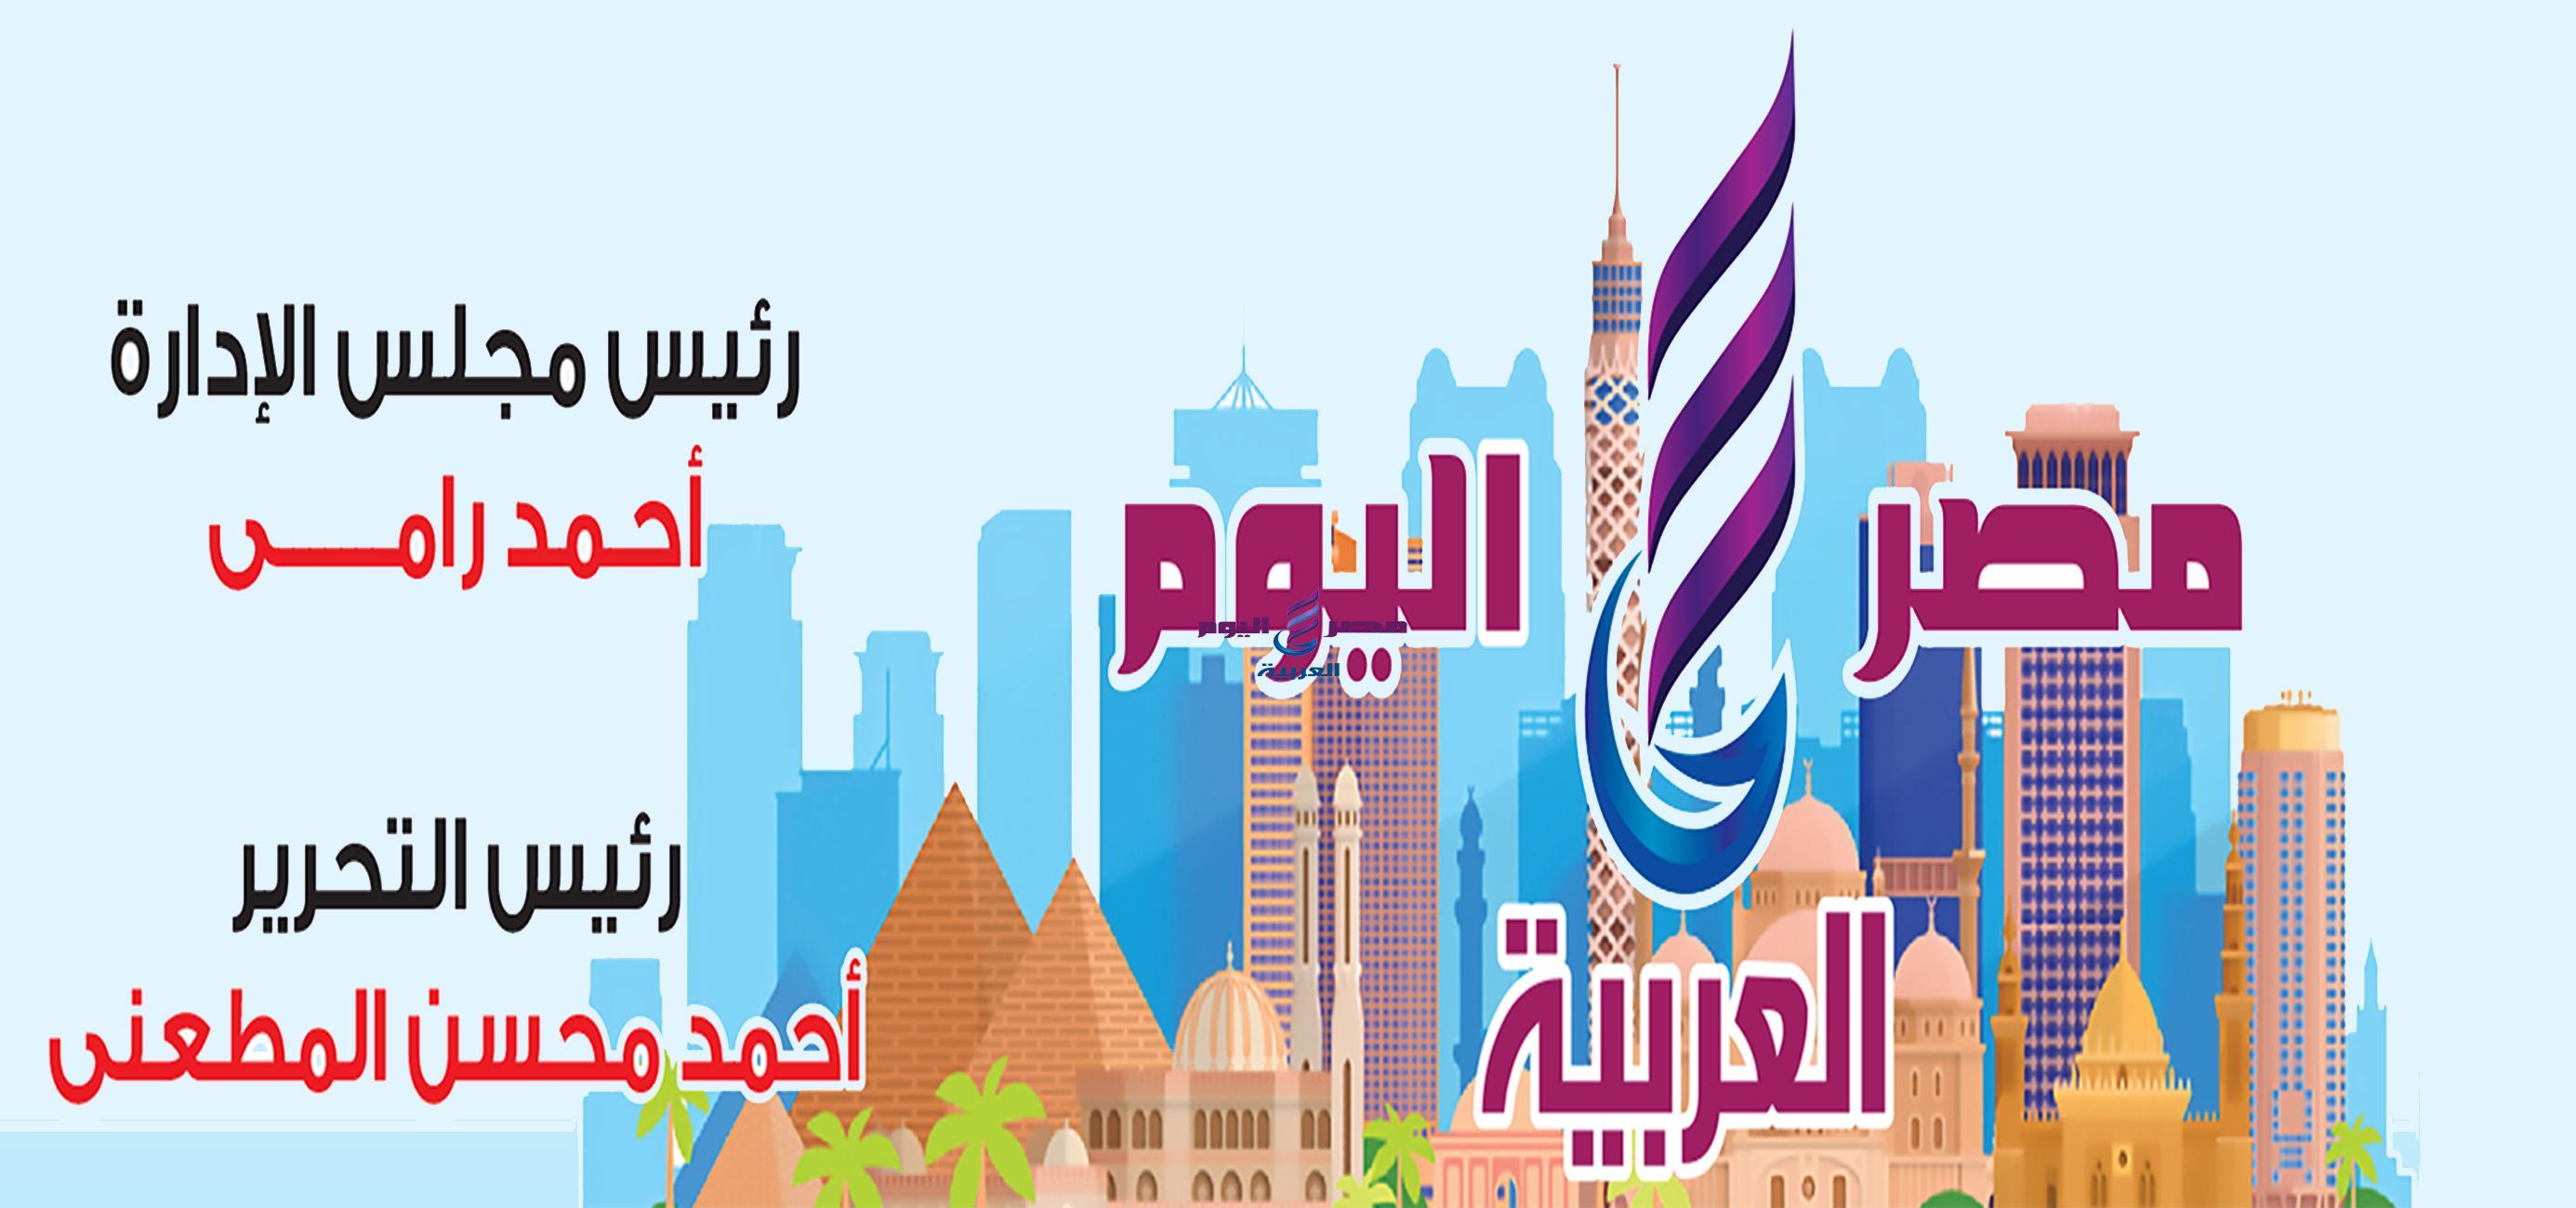 مصر اليوم العربية